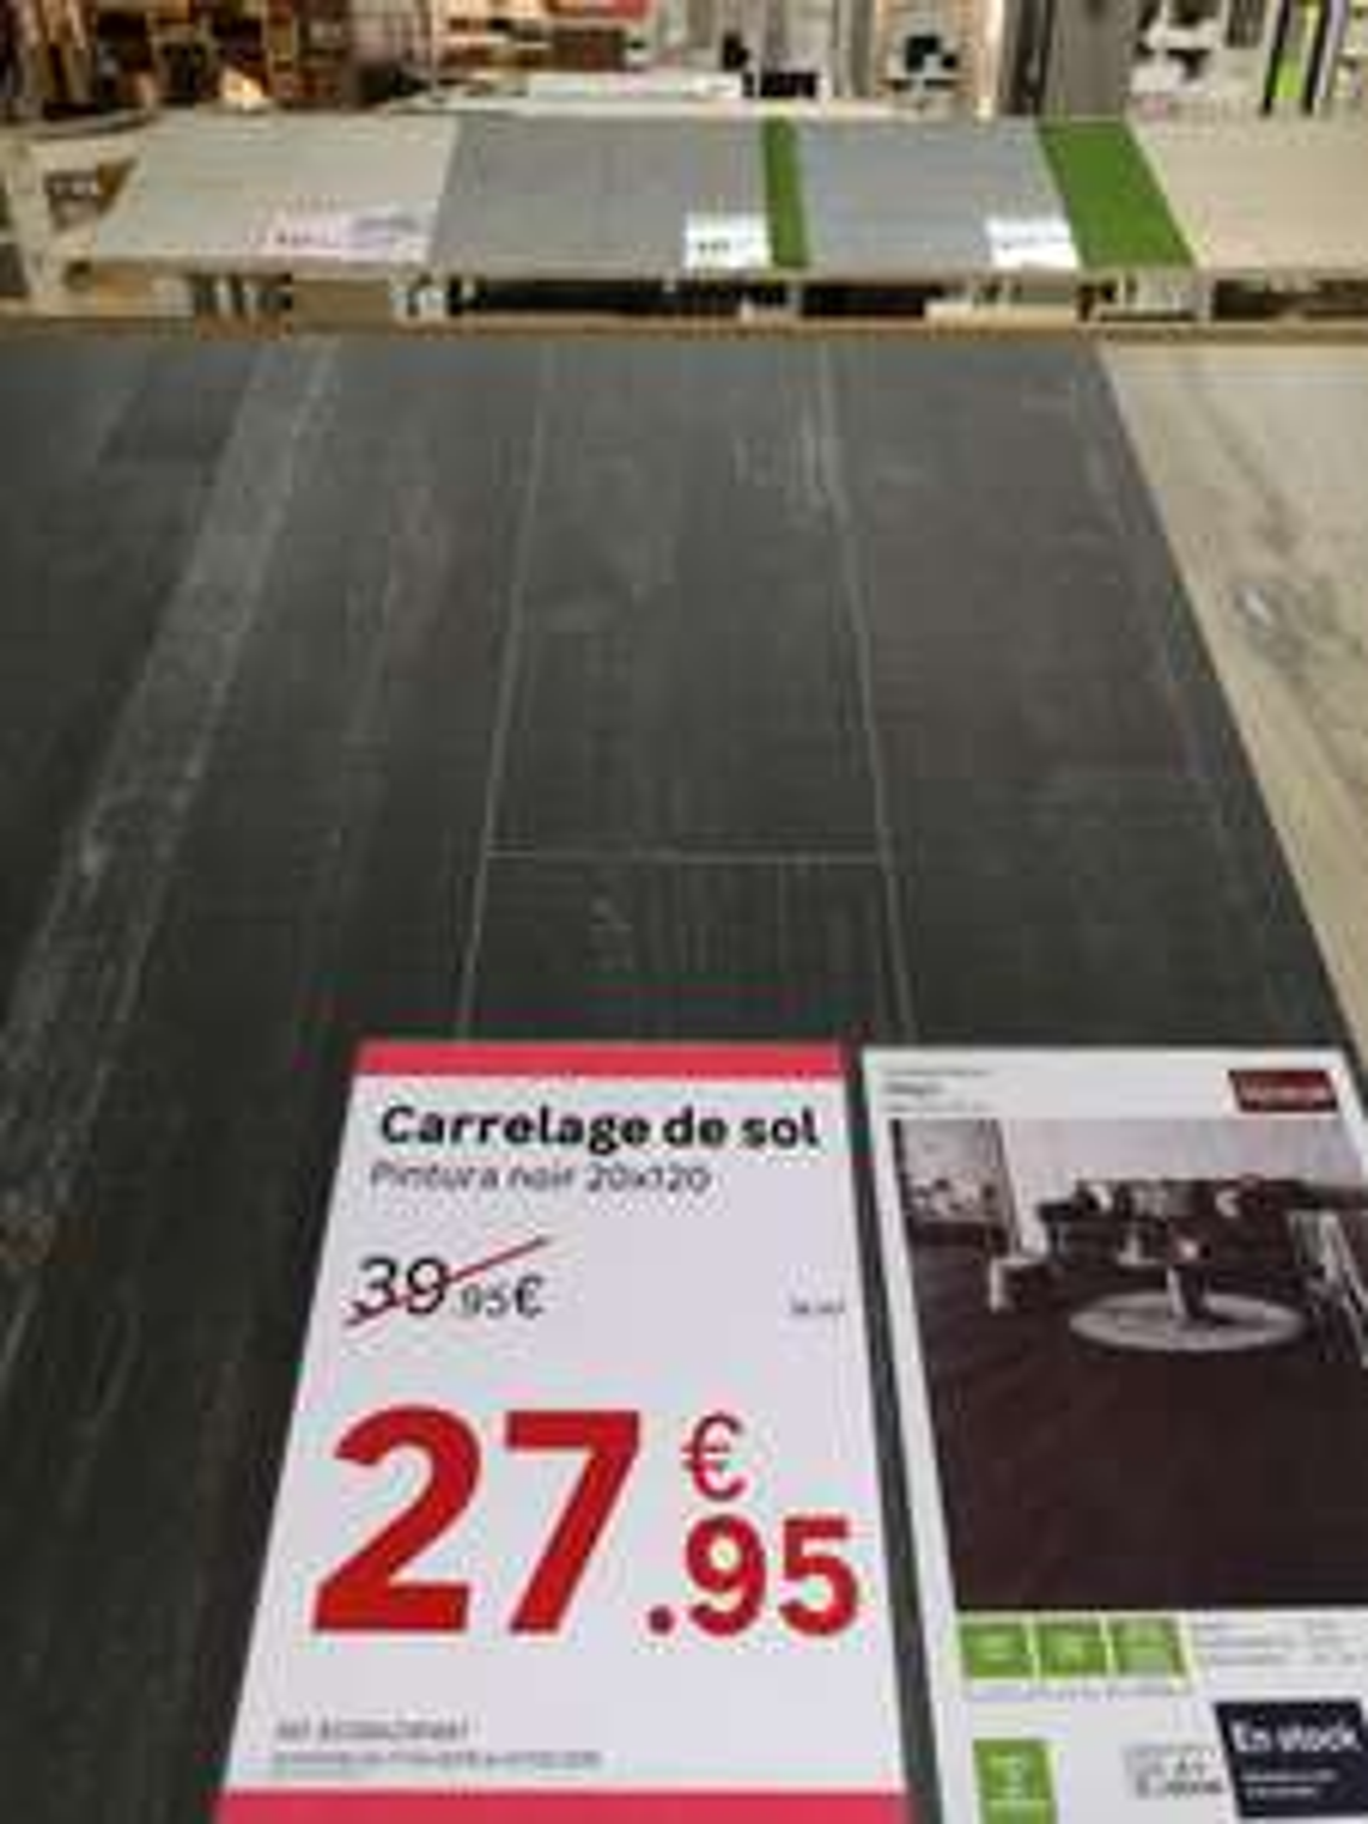 Carrelage de Sol - Peinture Noire - 20x120cm (Rueil-Malmaison 92)